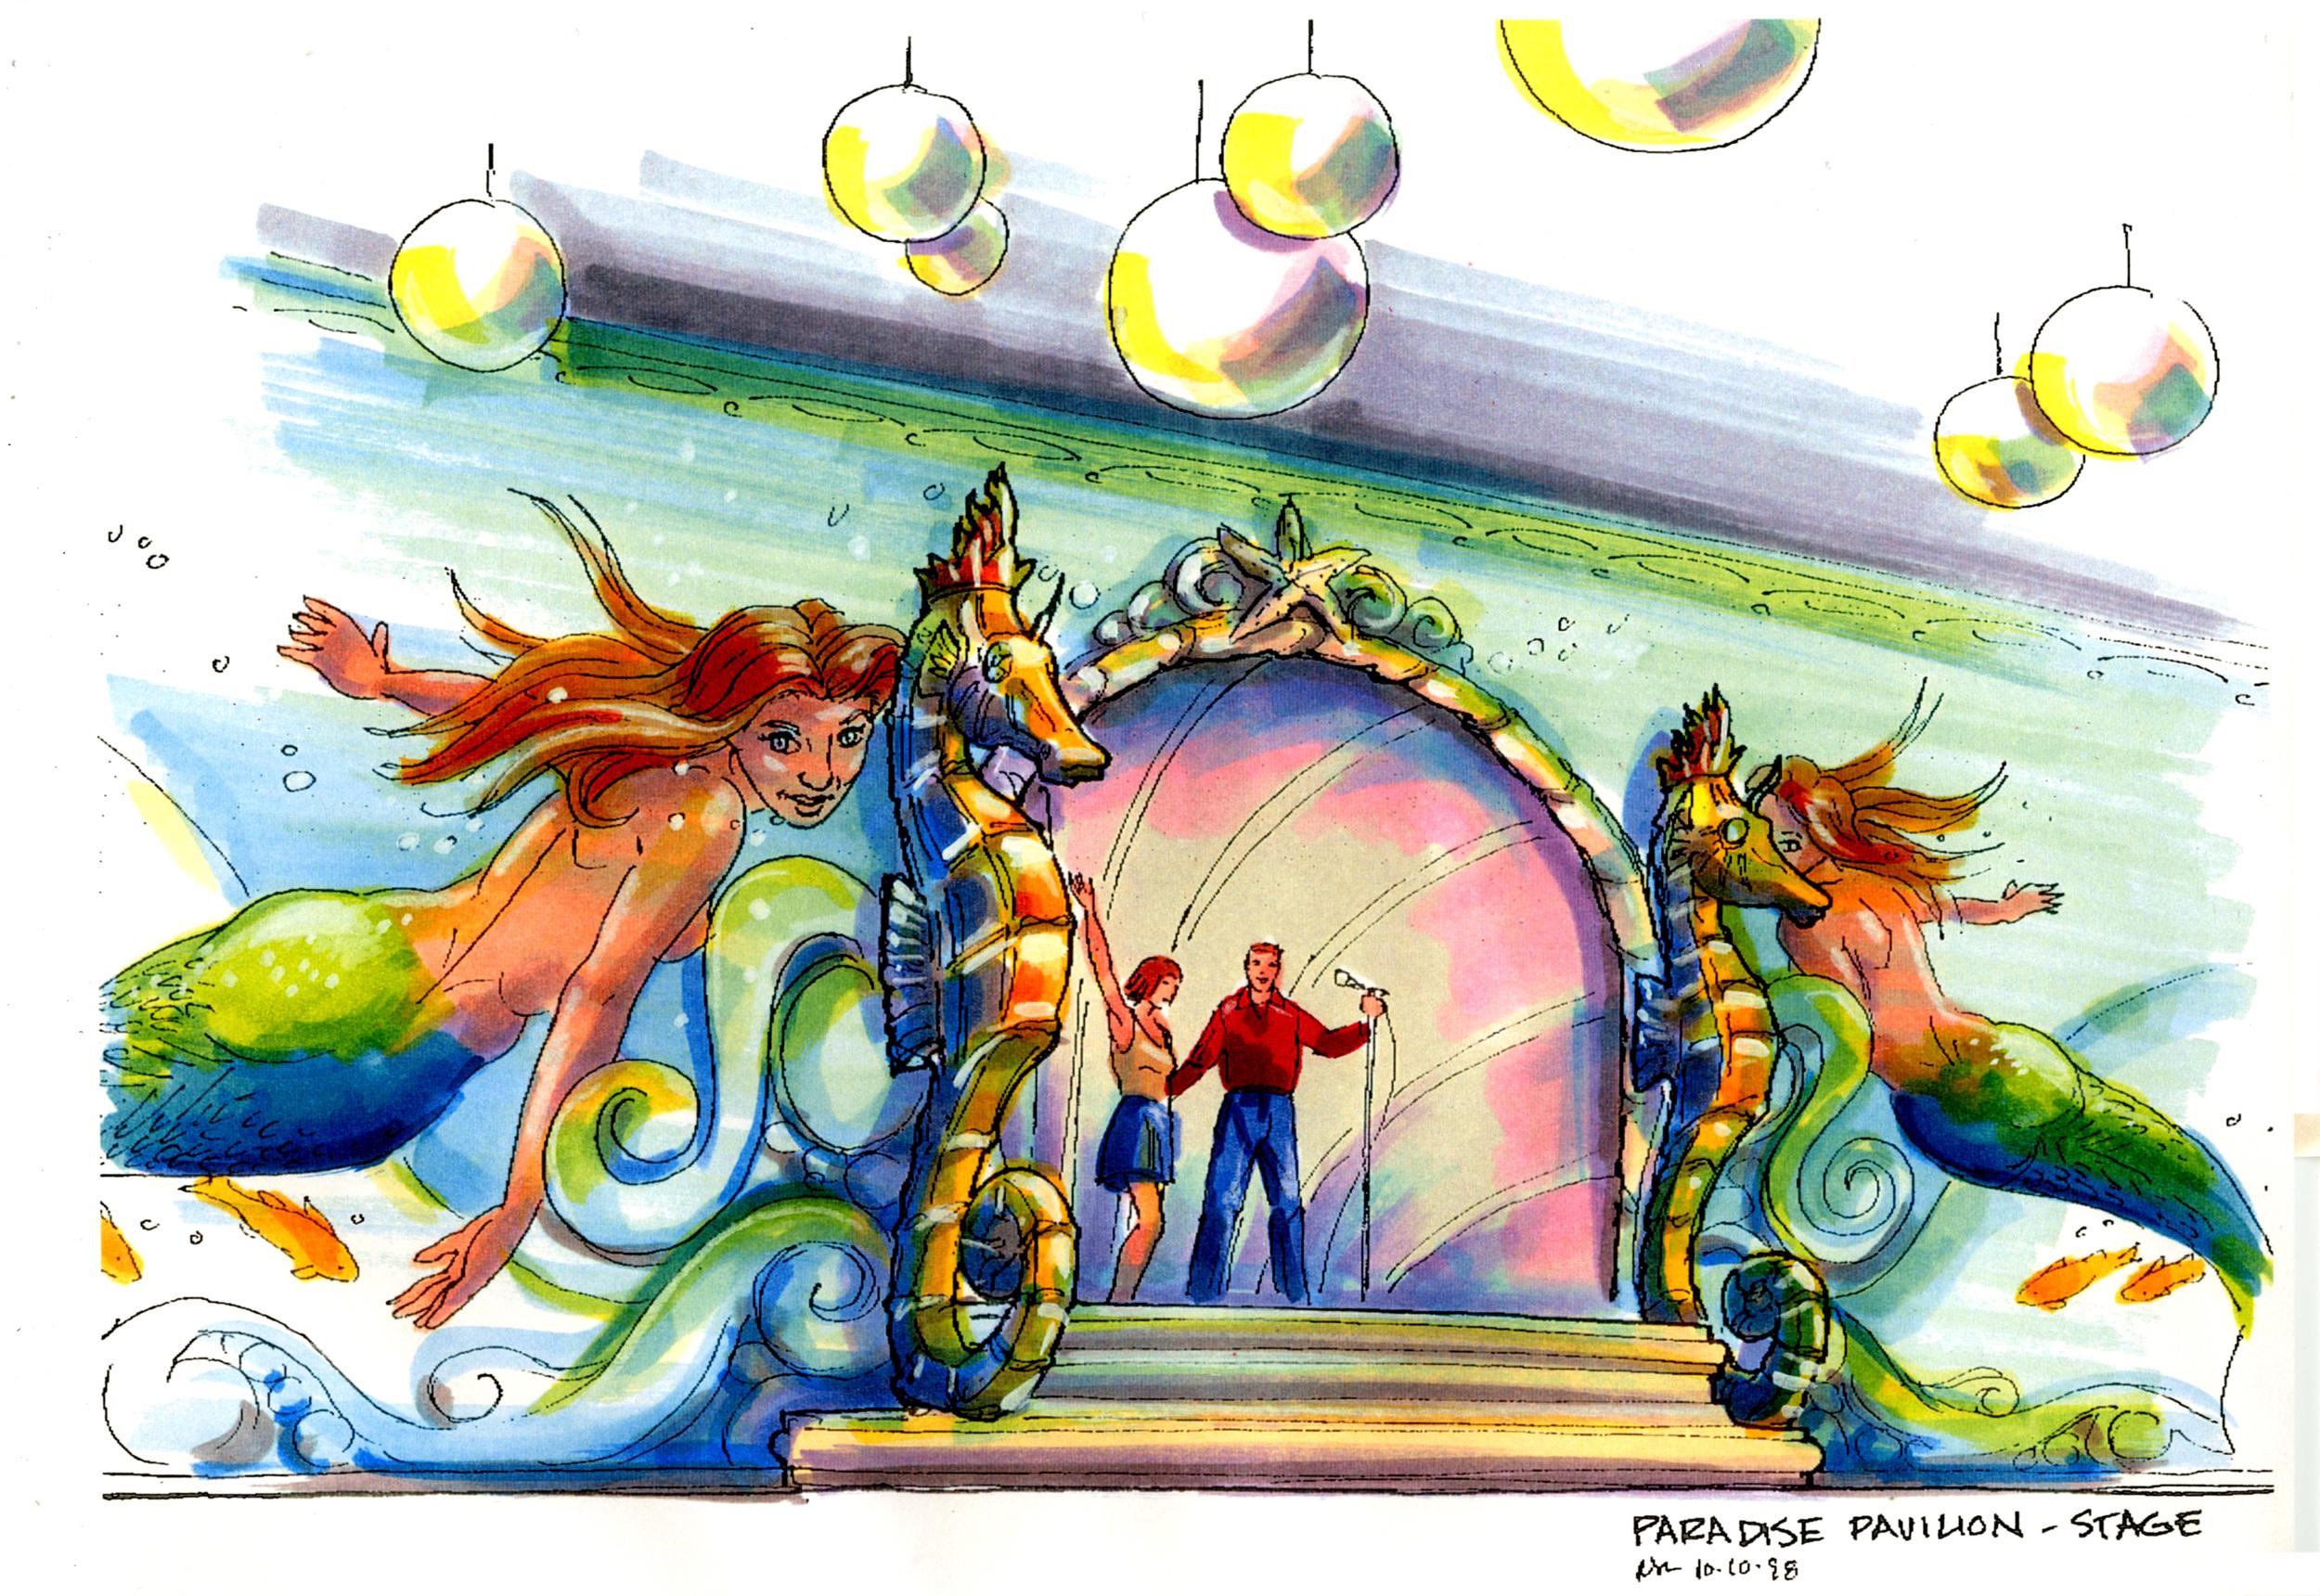 Paradise Pavilion Quechan Casino